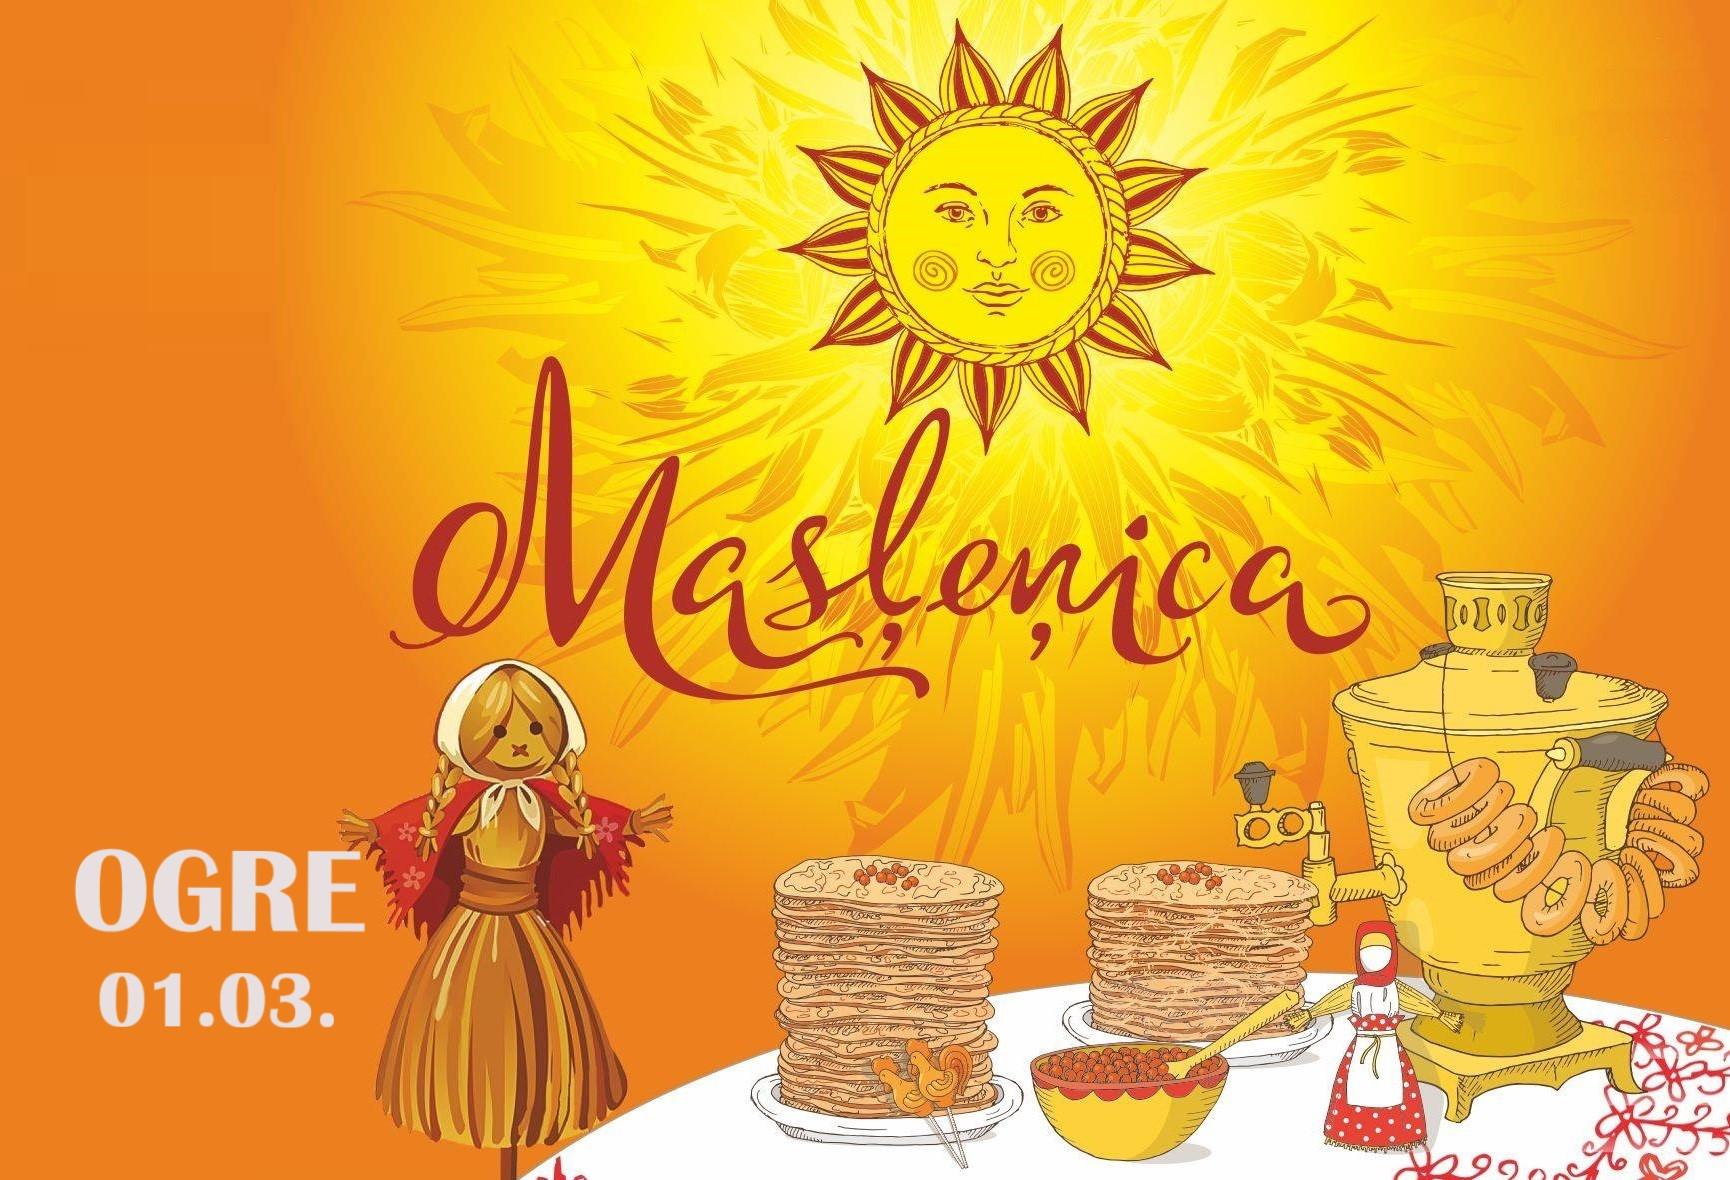 MASĻENICAS svētki / 01.03.2020, Ogre